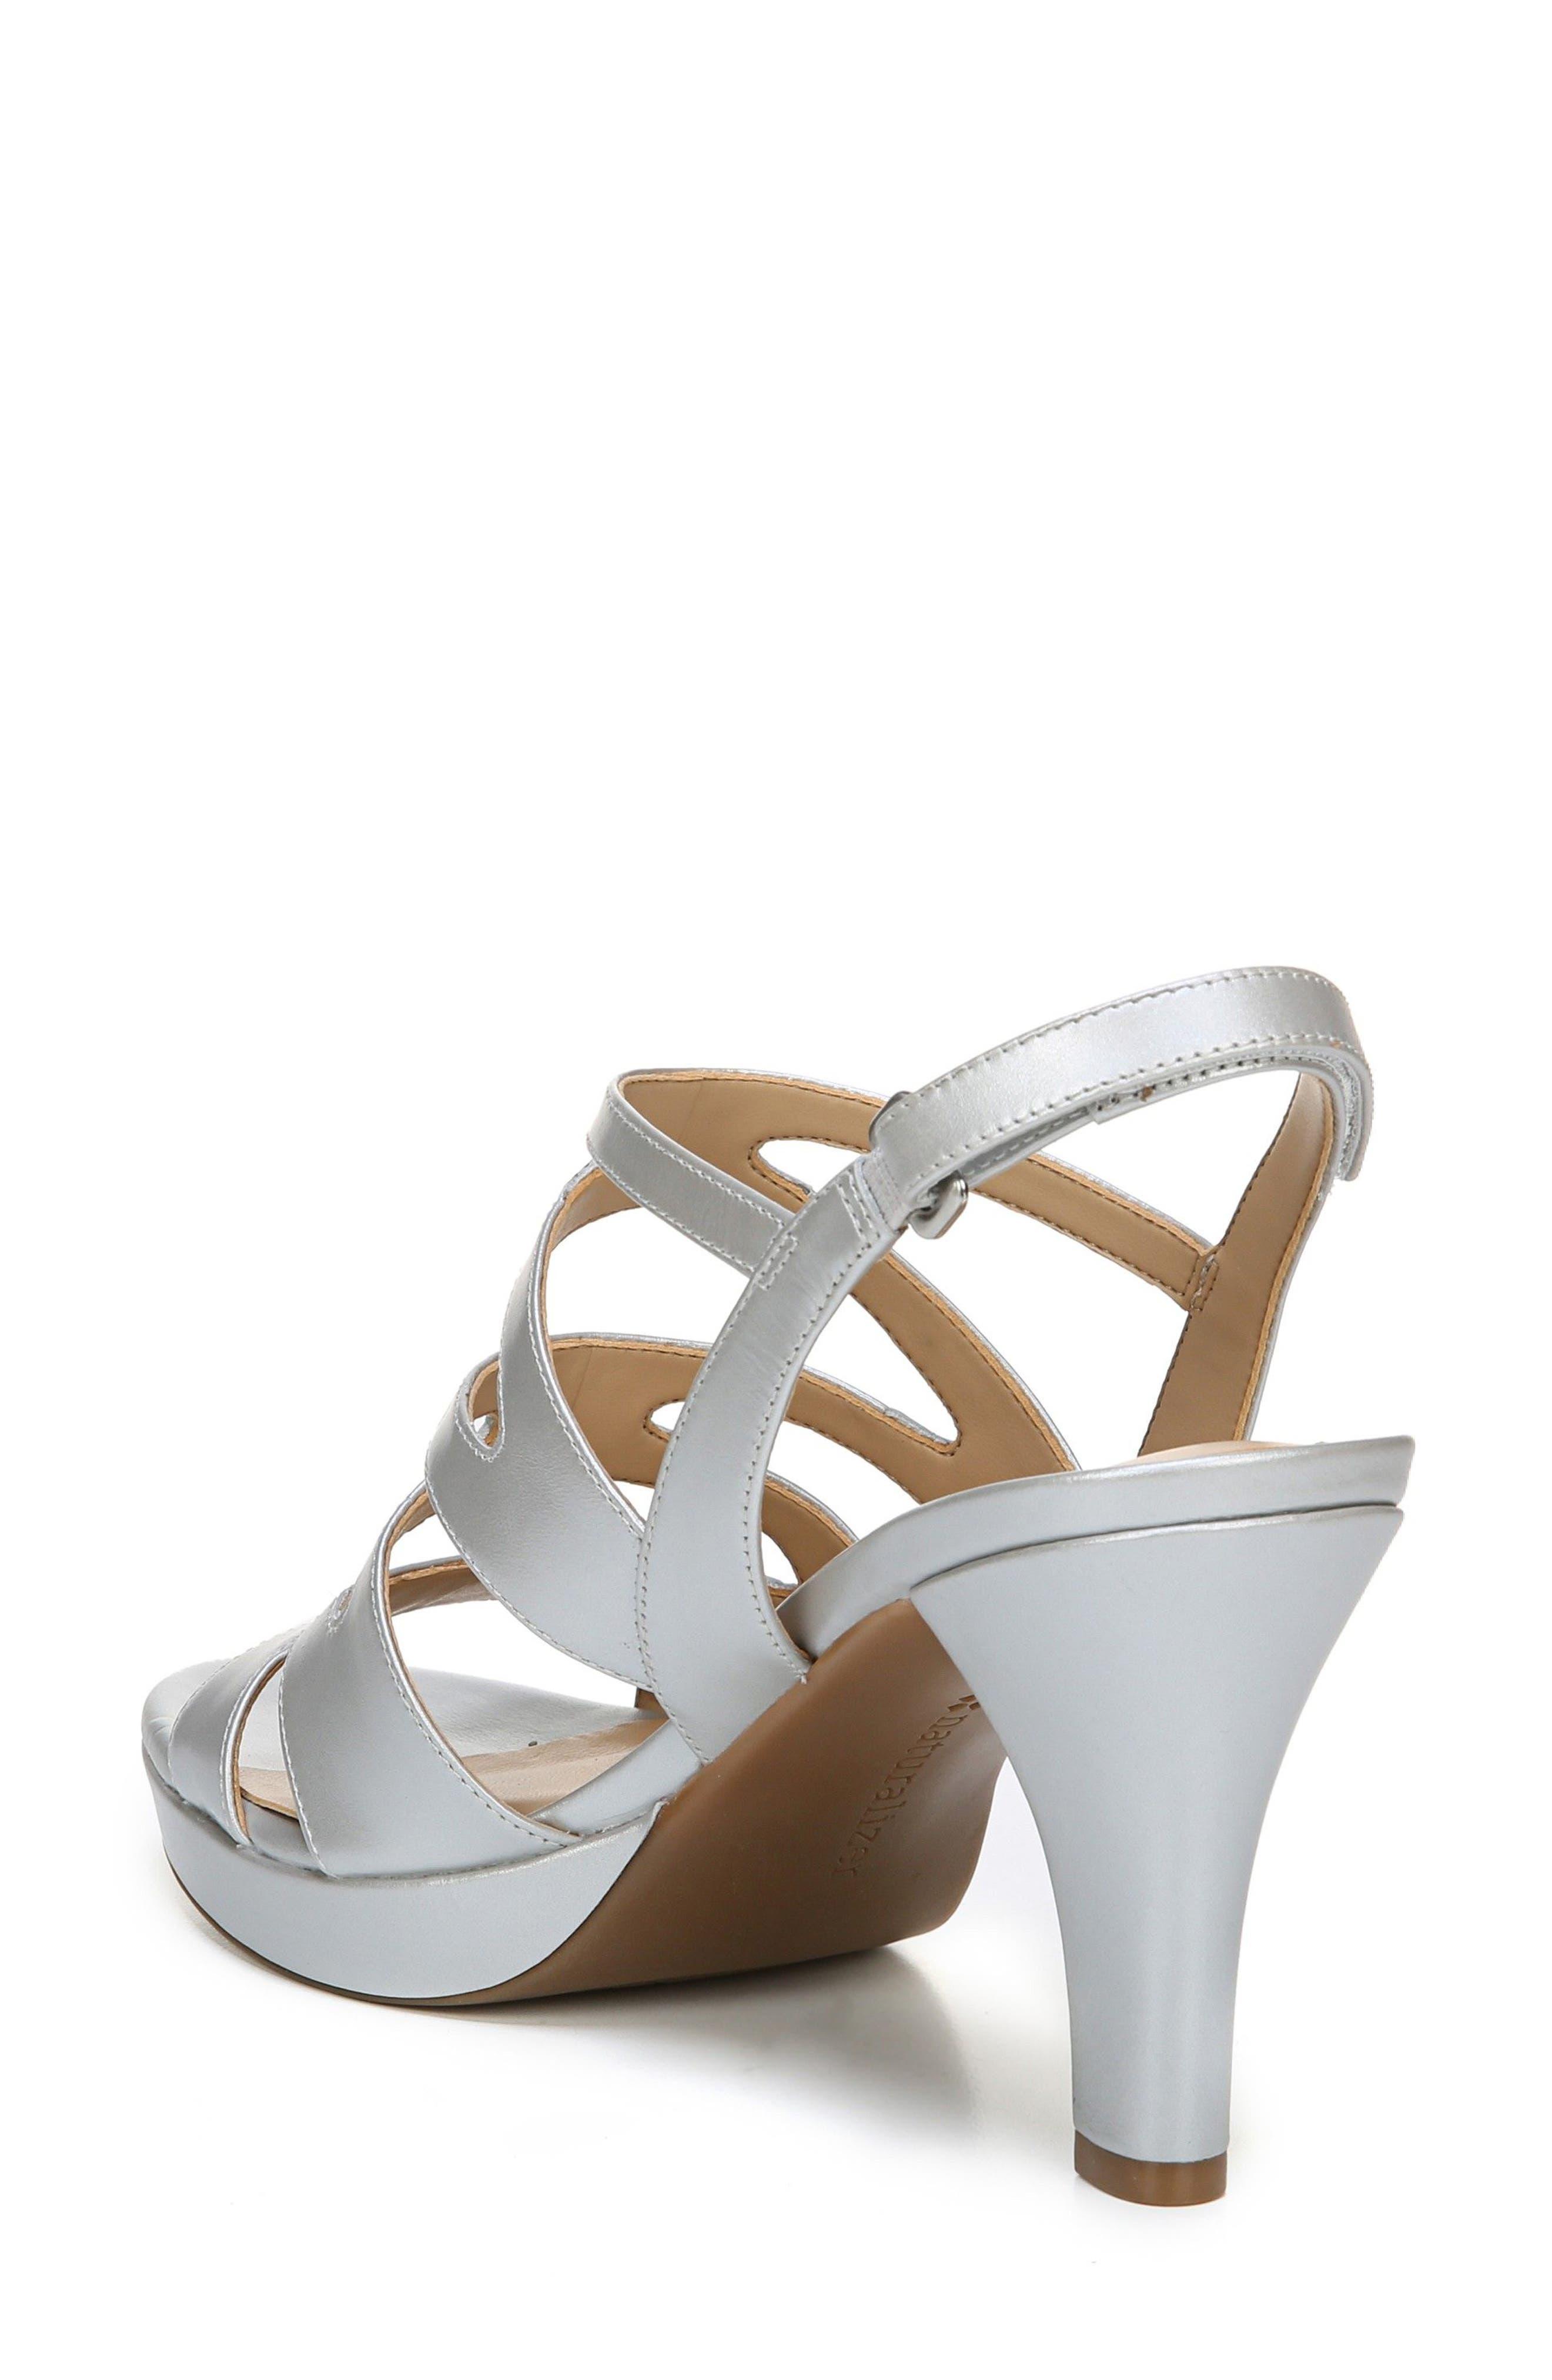 'Pressley' Slingback Platform Sandal,                             Alternate thumbnail 2, color,                             Silver Leather